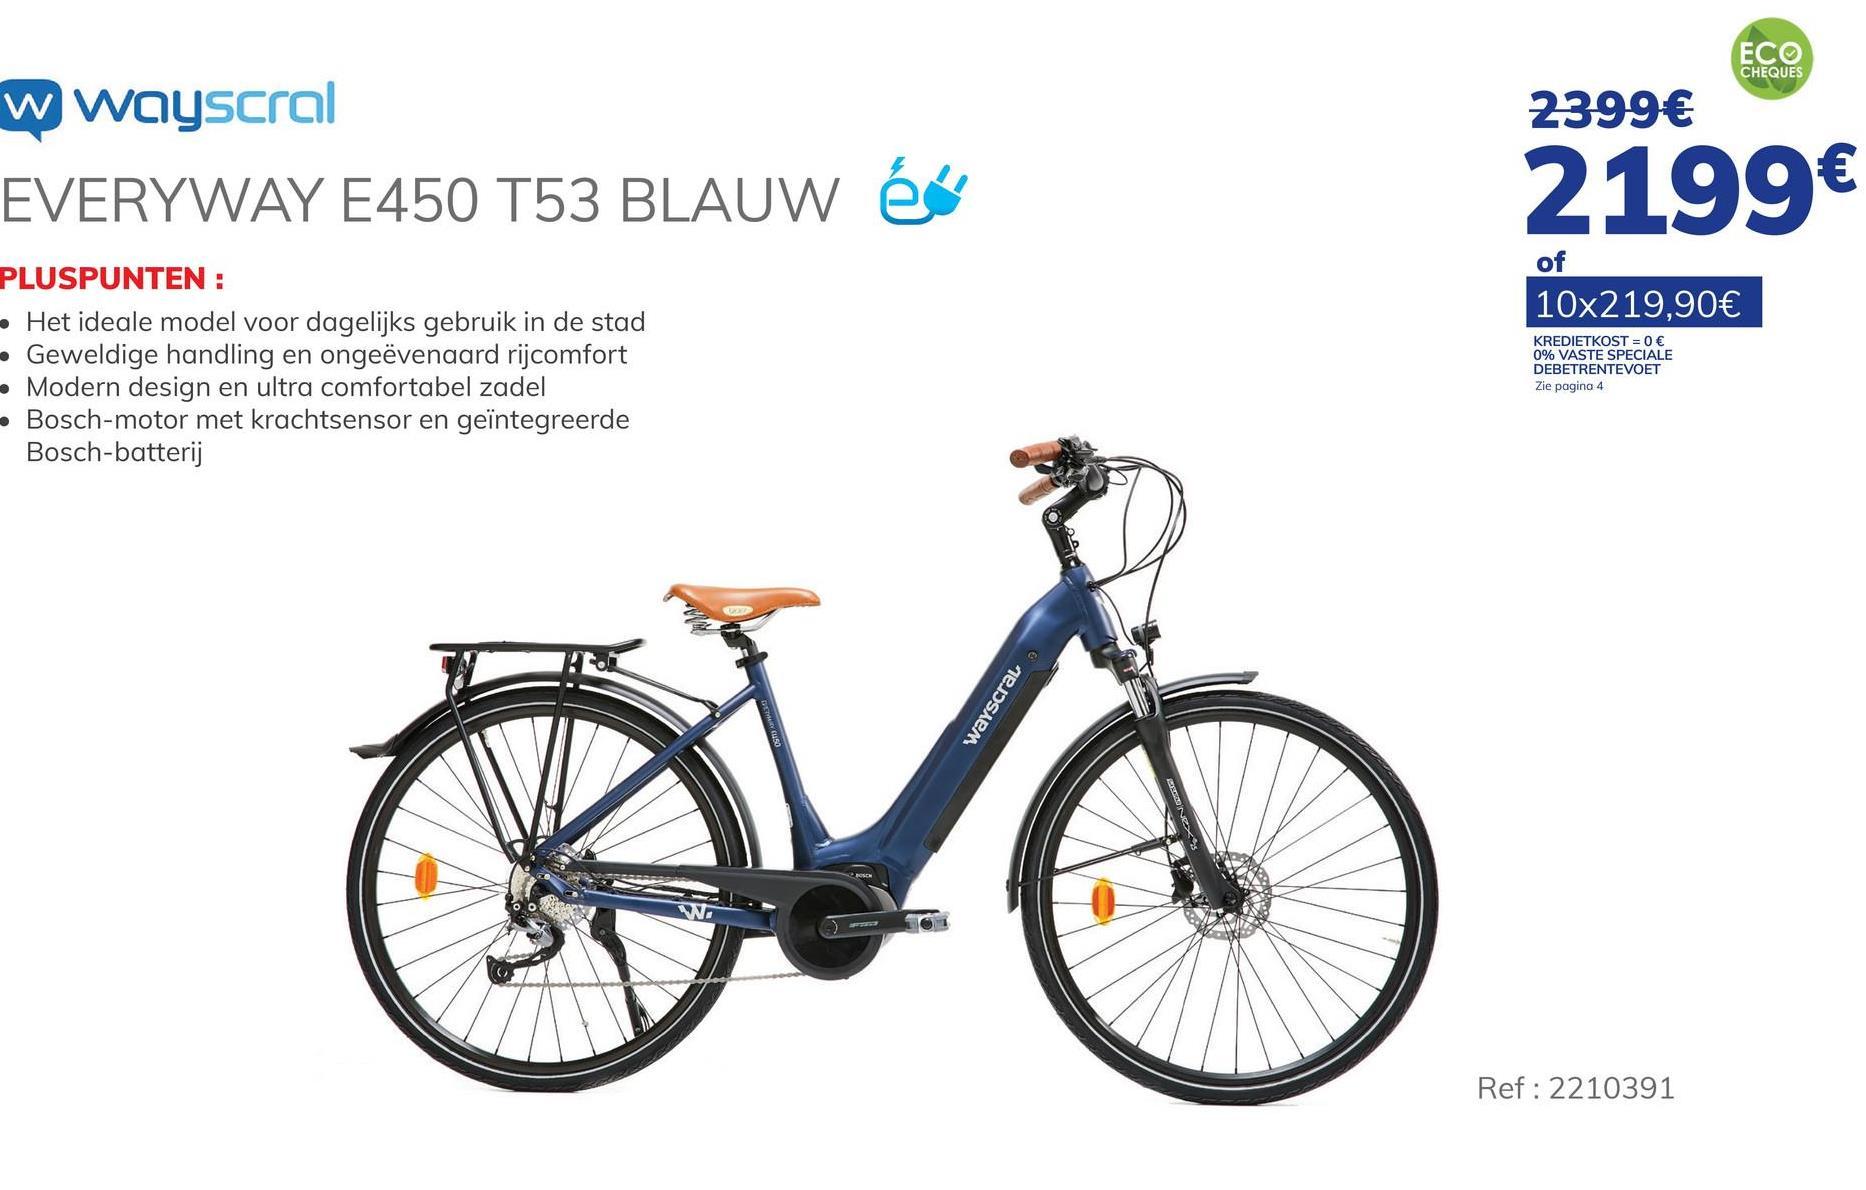 """Elektrische Fiets Wayscral Everyway E450 T53 28 Blauw"""" De WAYSCRAL Everyway E450 T53 28 Blue elektrische stadsfiets is de fiets met de meest volledige uitrusting in ons assortiment. Deze stadsfiets is ideaal voor het dagelijkse woon-werkverkeer. Hij heeft een bereik van 60 tot 80 km, afhankelijk van uw snelheid, dankzij zijn middenmotor BOSCH Active Plus van 250 W en een koppel van 50 Nm en de batterij BOSCH Power Tube 396 Wh. Daarnaast beschikt hij 28"""" wielen en een aluminium kader van 53 cm. De fiets heeft ook een SUNTOUR telescopische vork en een kantelbare stuurpen om het rijcomfort van de fietser te verbeteren. De fiets is uitgerust met hydraulische schijfremmen van SHIMANO voor uw veiligheid, en heeft een transmissie met 9 versnellingen van SHIMANO Alivio, kettingkast, spatborden, bagagedrager en pikkel. Tot slot is het dankzij de BOSCH Intuvia LCD-boordcomputer mogelijk om de kilometragefuncties en de 5 assistentieniveaus te regelen. De assistentie helpt u tot 25 km/u. De oplaadtijd van de batterij bedraagt 4 à 5 uur. Lader en batterij worden meegeleverd met de fiets. Voor meer informatie over dit product verwijzen wij u graag door naar de website van het merk Wayscral."""". - Bereik tot 80 km. - Batterij BOSCH Power Tube 396 Wh - Middenmotor BOSCH Active Plus van 250 W en 50 Nm- Transmissie met 9 versnellingen SHIMANO Alivio - Hydraulische schijfremmen SHIMANO. Ontdek de premies bij het kopen van een elektrische fiets. Klik hier >"""""""